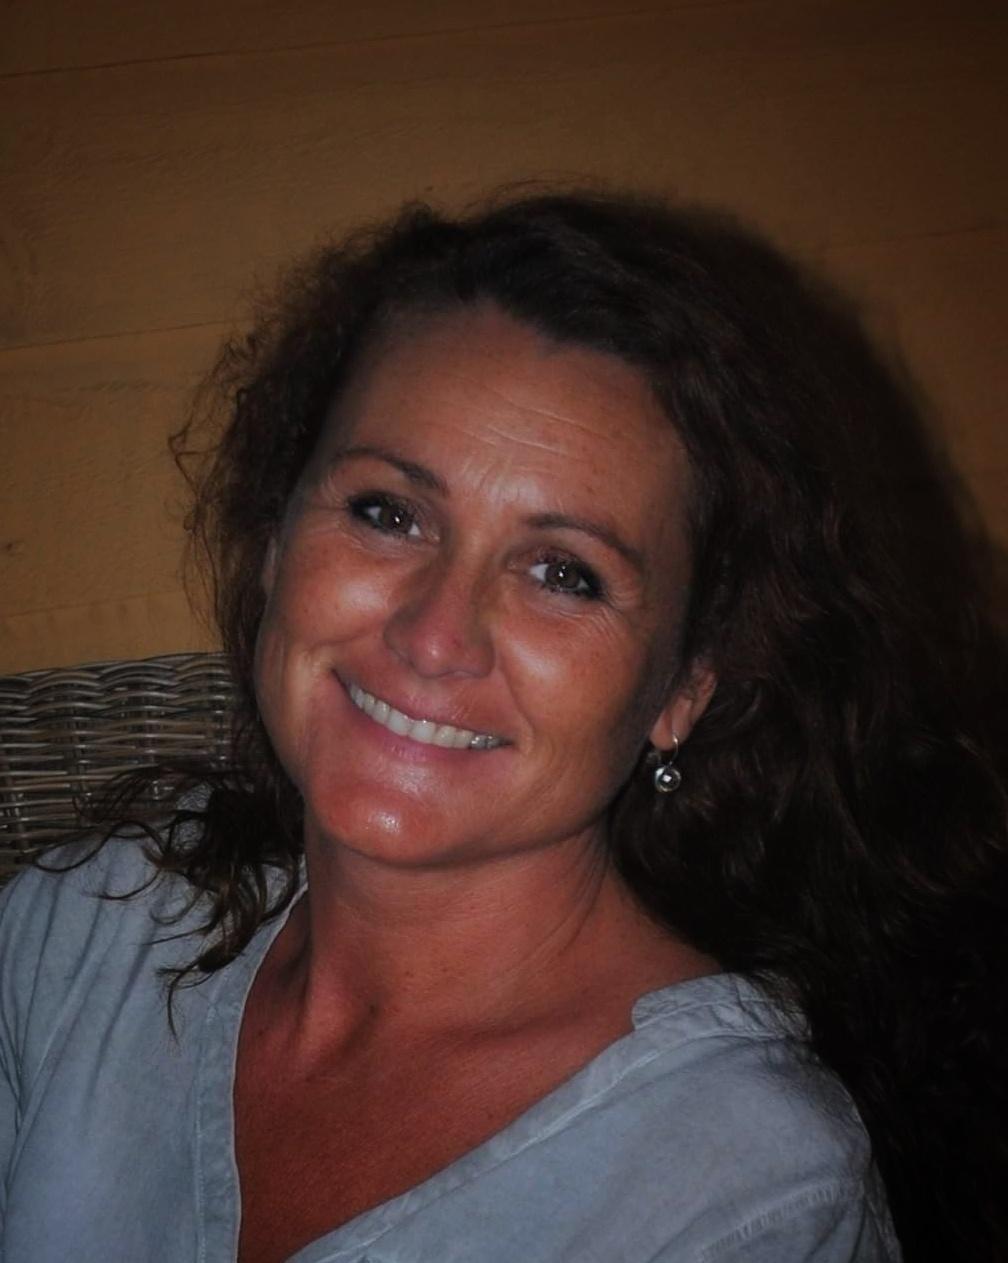 Heidi Kristiansen